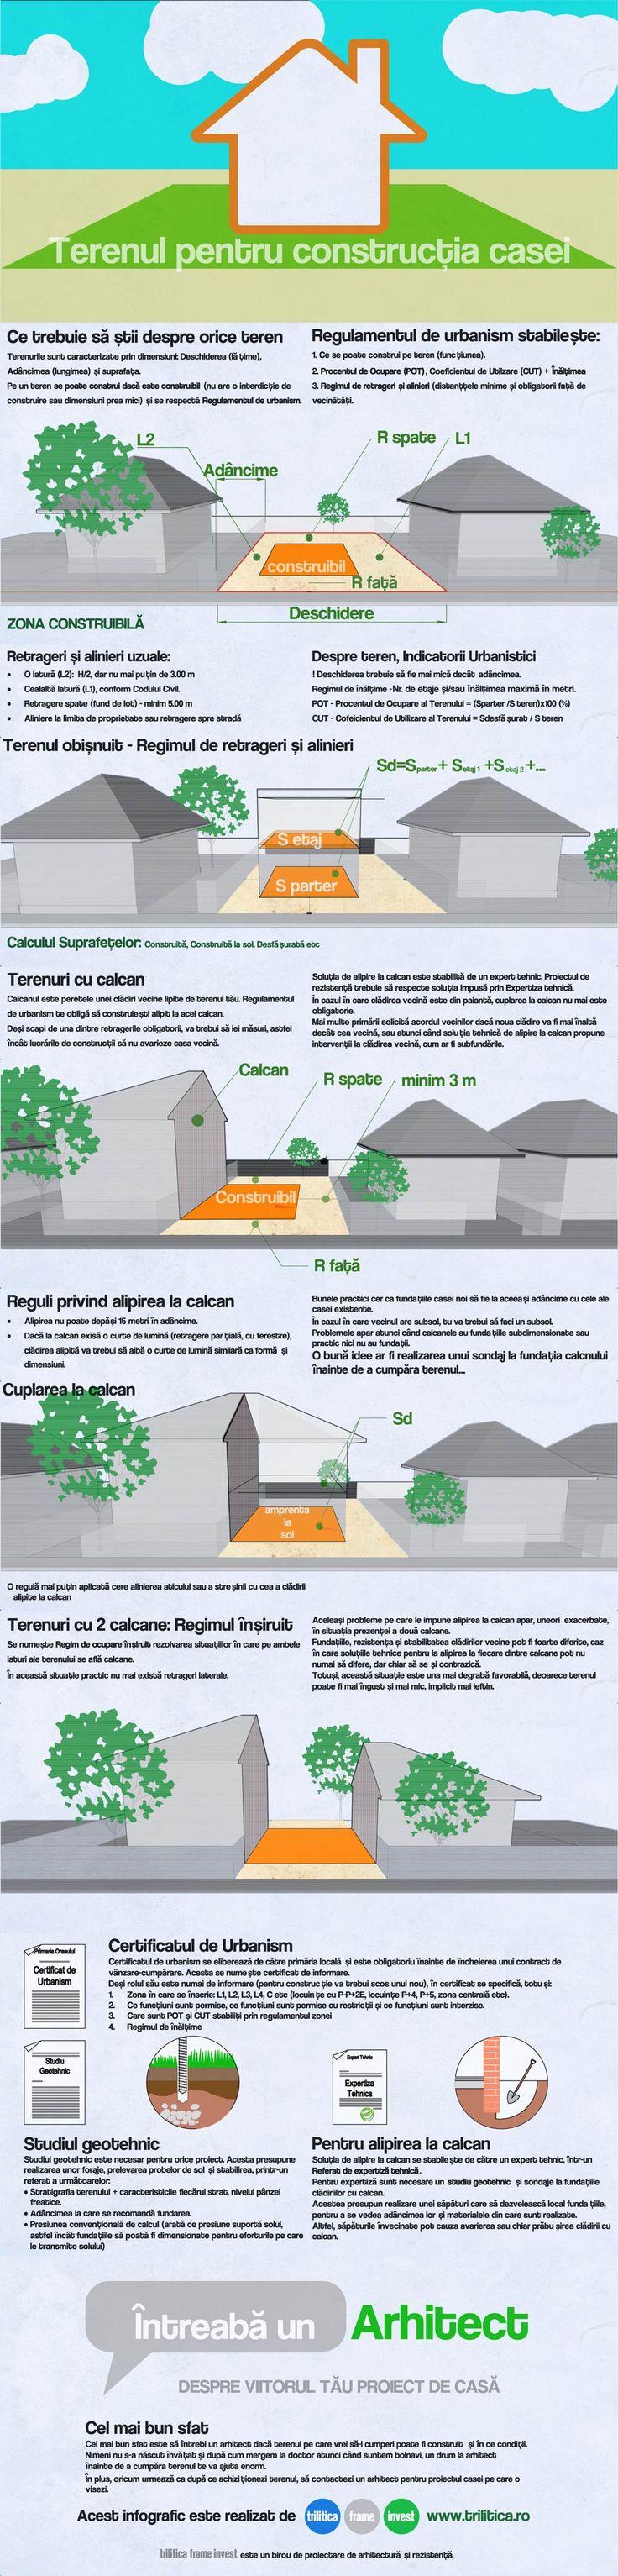 Infographic ce prezintă situațiile uzuale pe care un teren de casă le prezintă